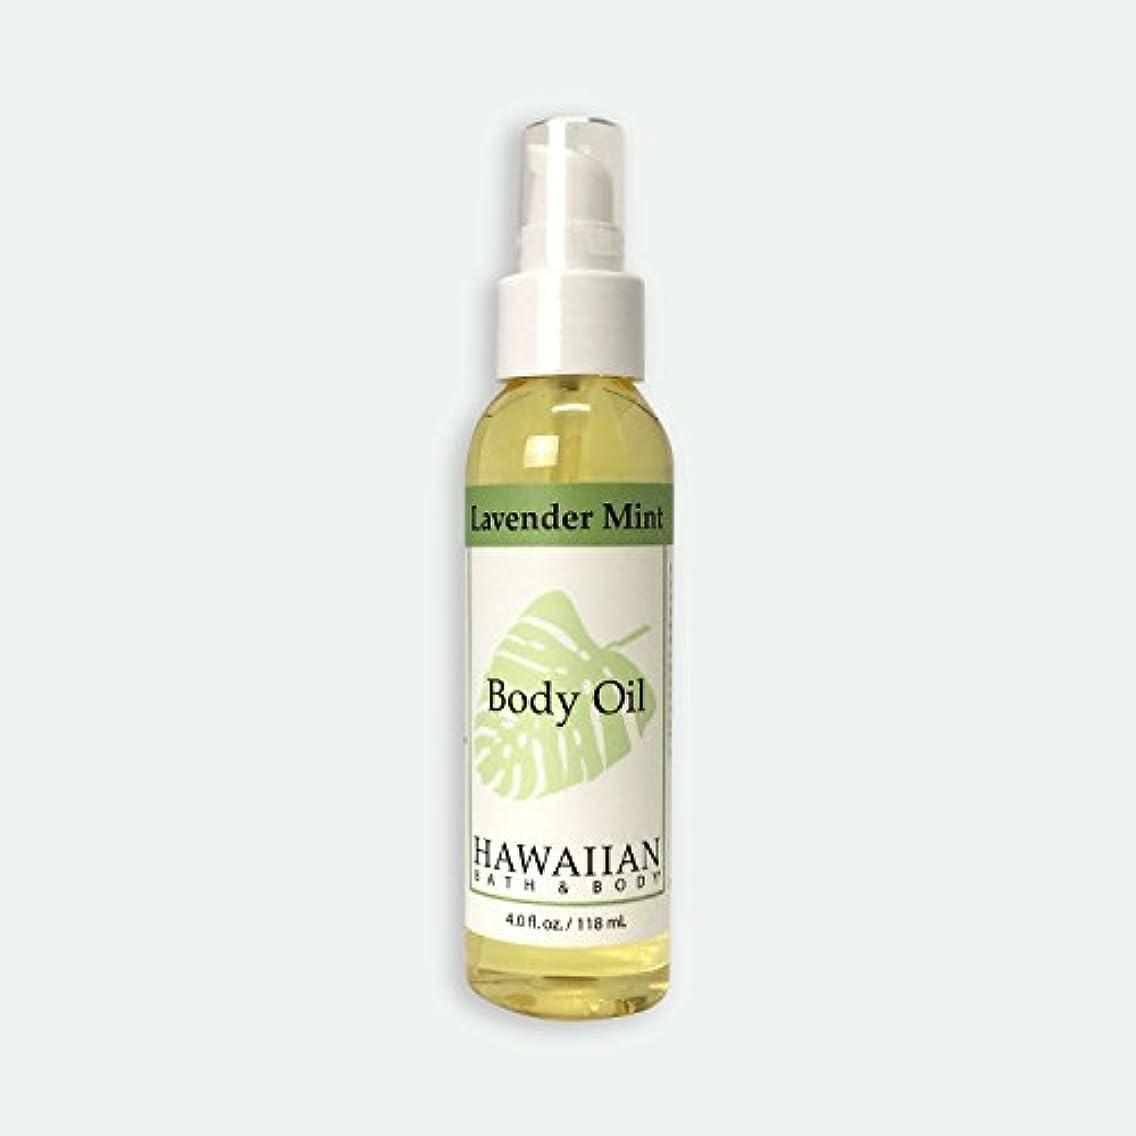 流星ベッド証言するハワイアンバス&ボディ ラベンダーミント?ボディオイル 118ml Lavender Mint Body Oil